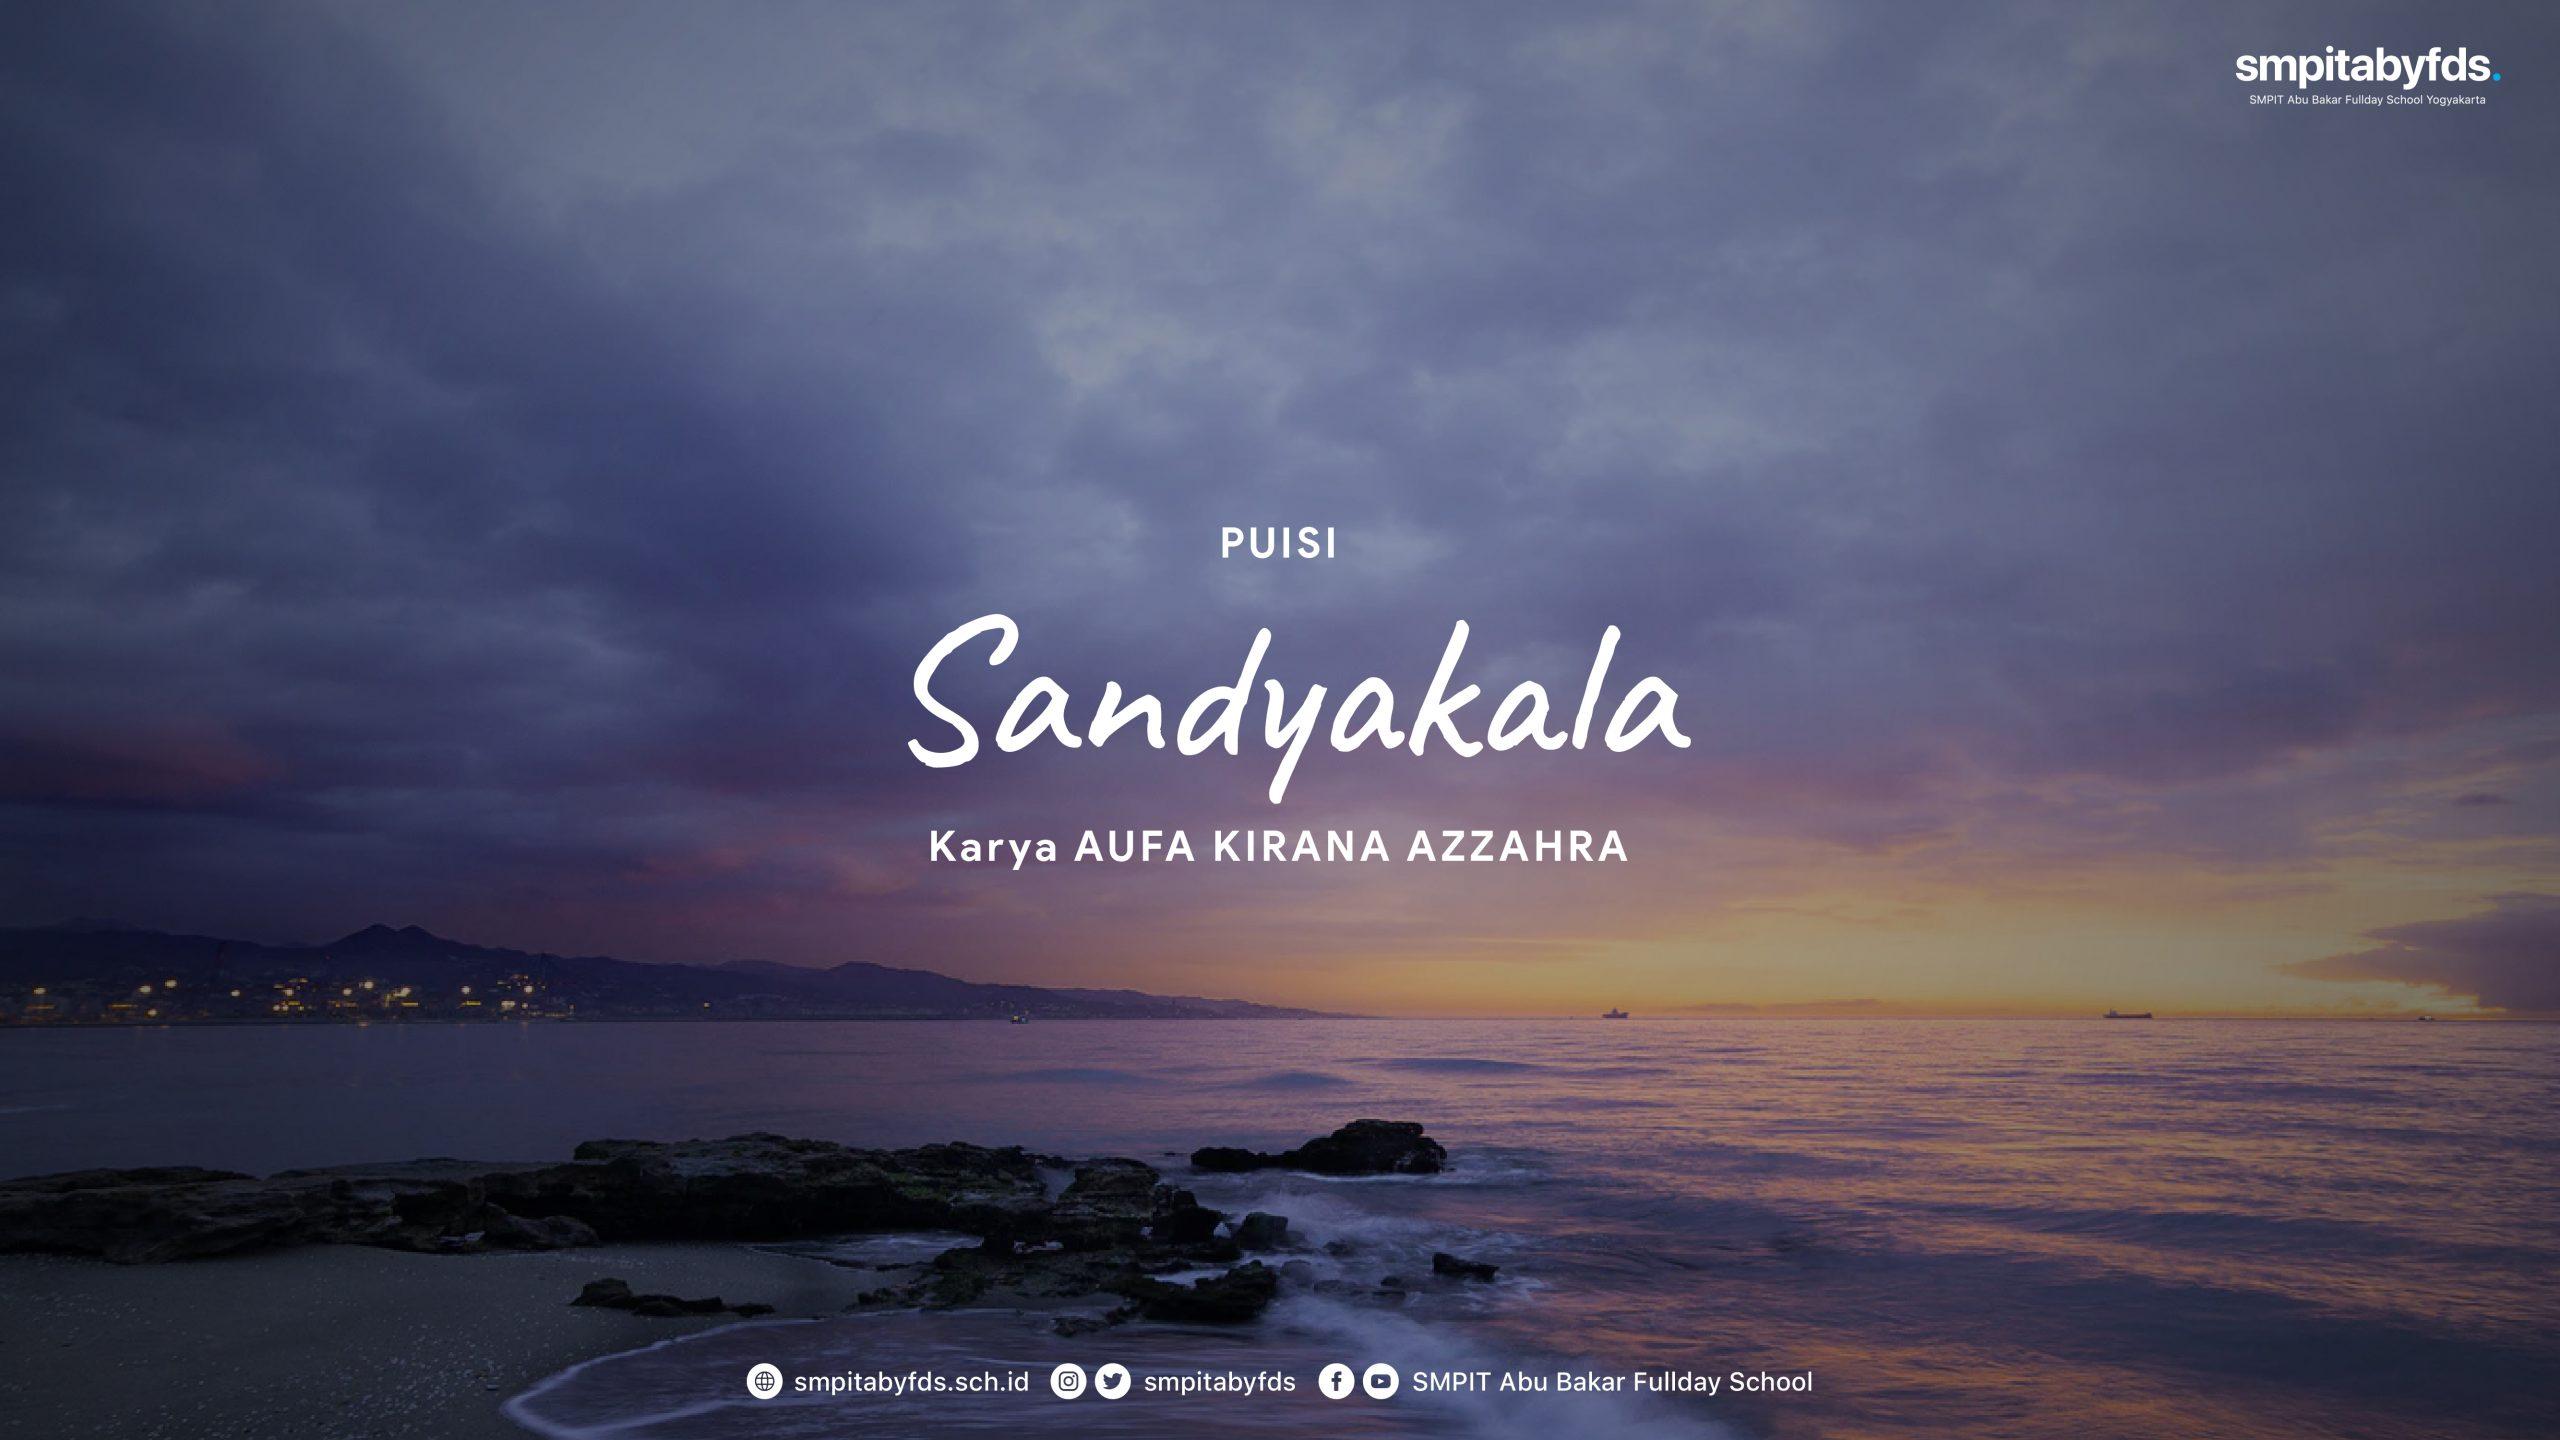 Puisi – Sandyakala karya Aufa Kirana Azzahra